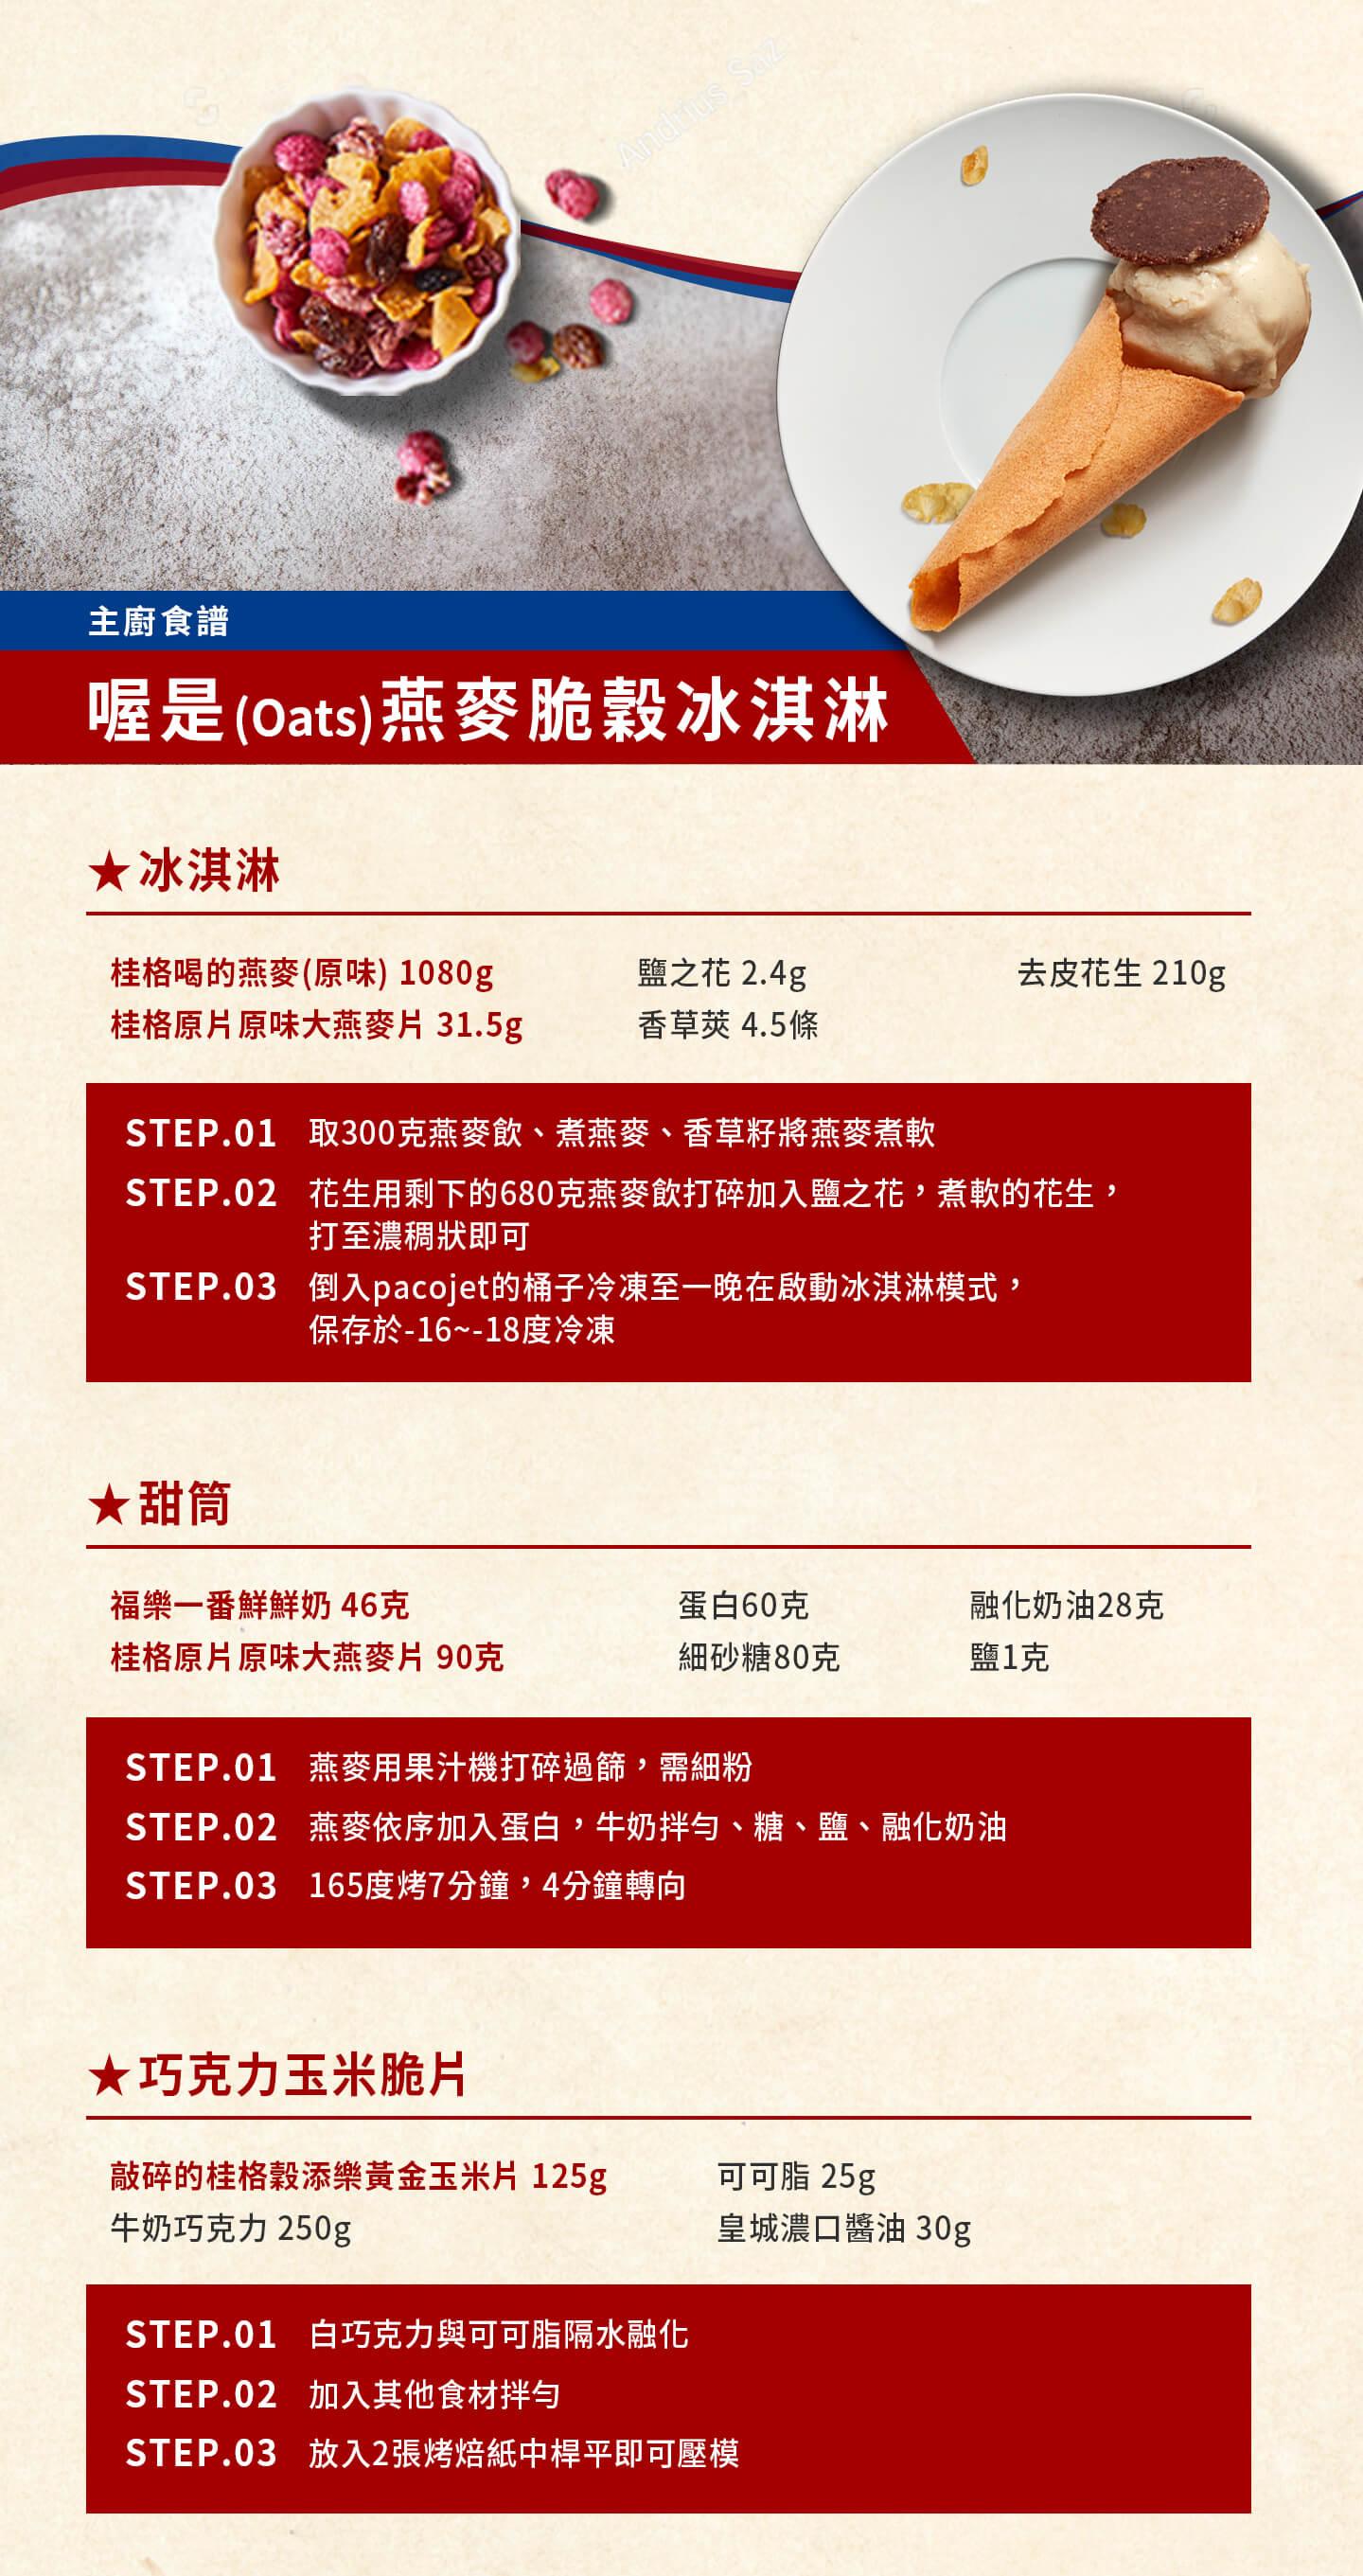 桂格,福樂,星級主廚健康食譜,喔是(Oats)燕麥脆穀冰淇淋,賴思瑩